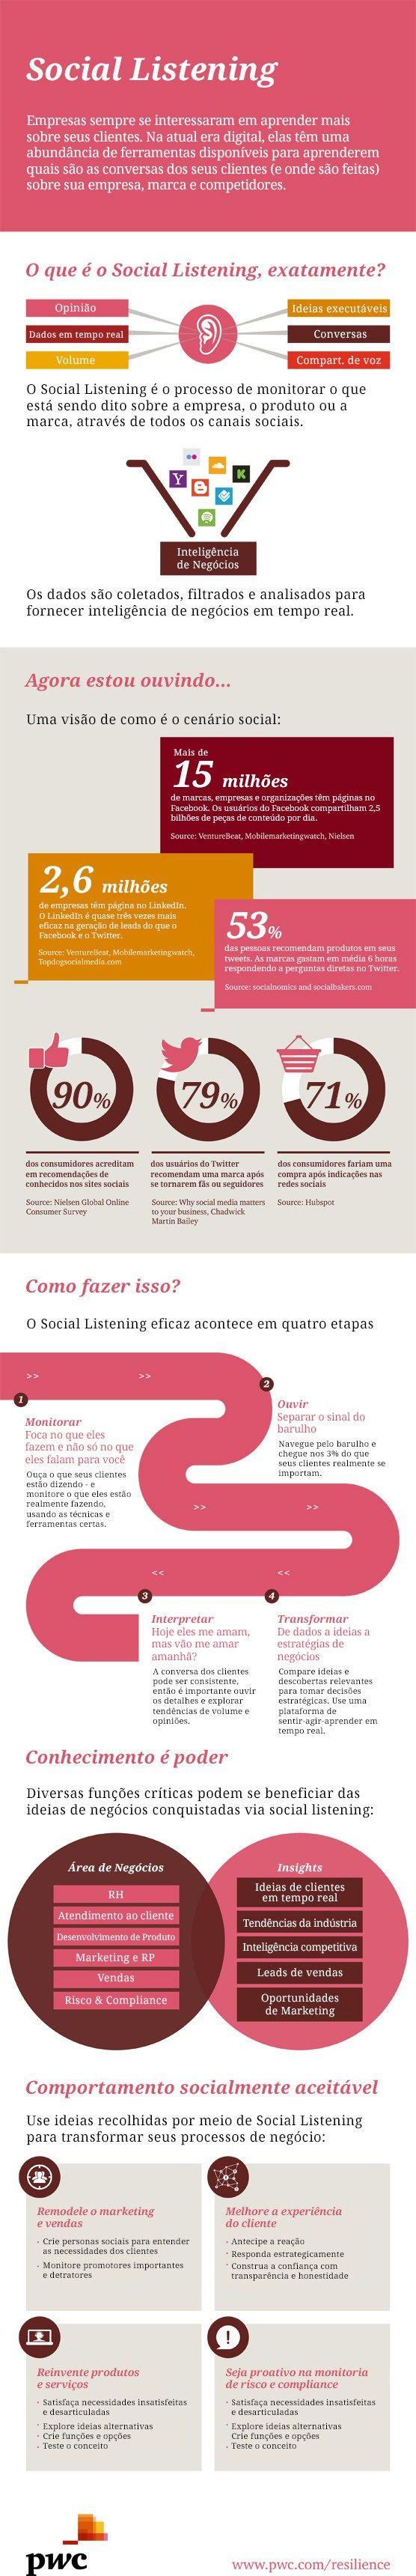 Infográfico: o que é e como fazer Social Listening?